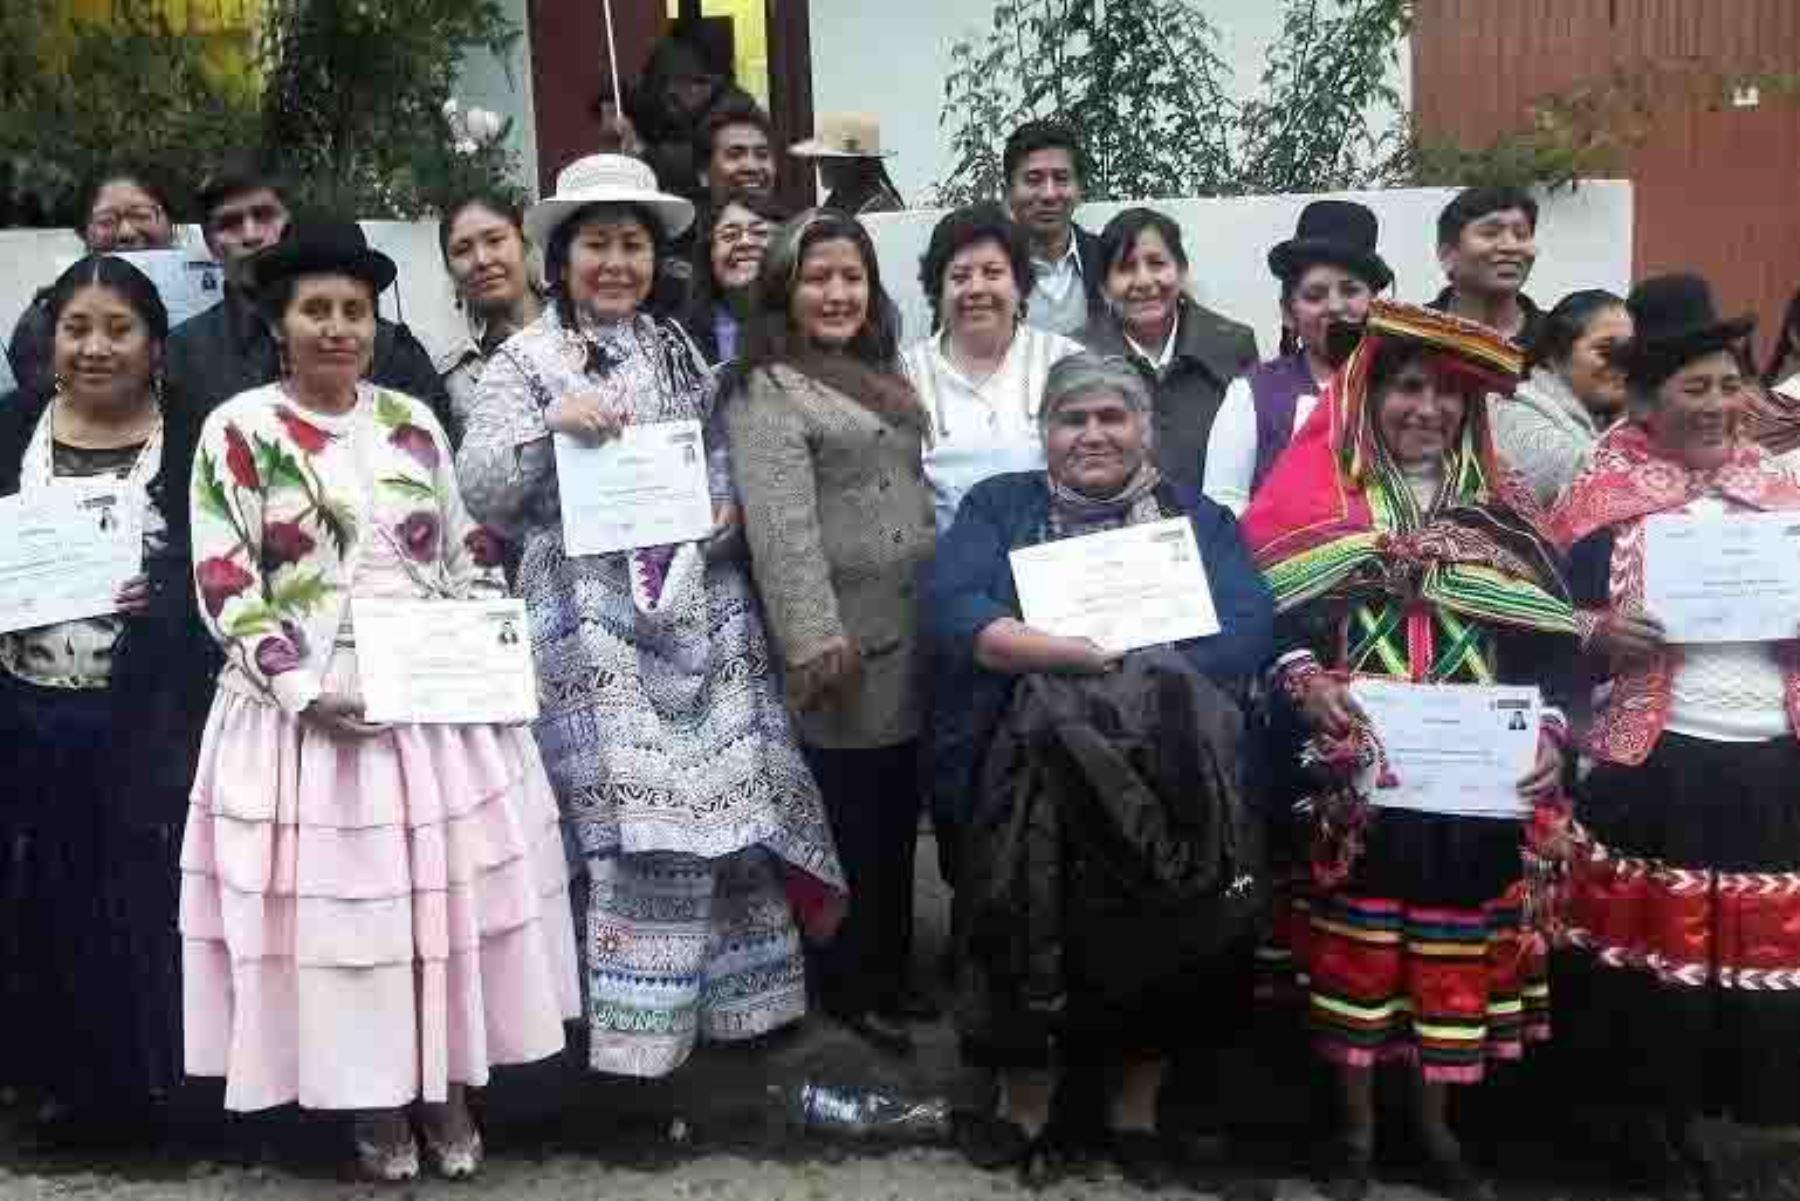 Luego de superar un arduo proceso de evaluación donde se destacó su experiencia, técnica y nivel de producción, el Ministerio de Comercio Exterior y Turismo (Mincetur) reconoció a 81 artesanos procedentes de Cusco, Puno, Arequipa, Moquegua y Tacna como expertos en diseño textil.